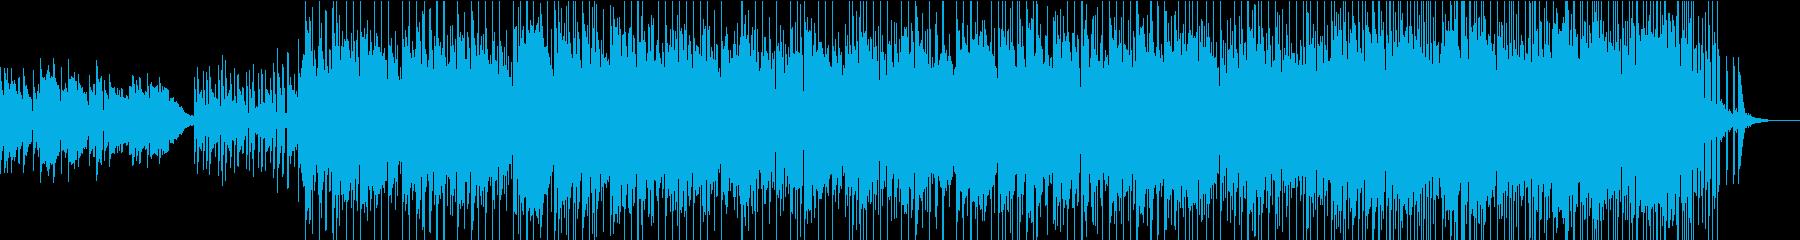 エレガット生録(Samba)の再生済みの波形